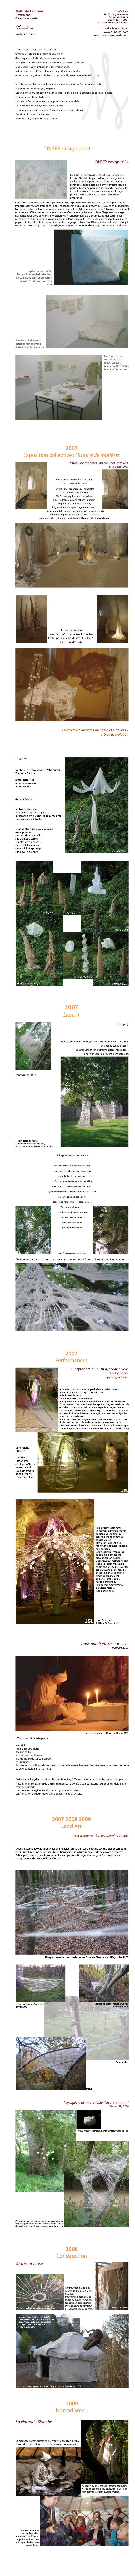 dossier d'artiste Mathilde Grolleau 2004-2009